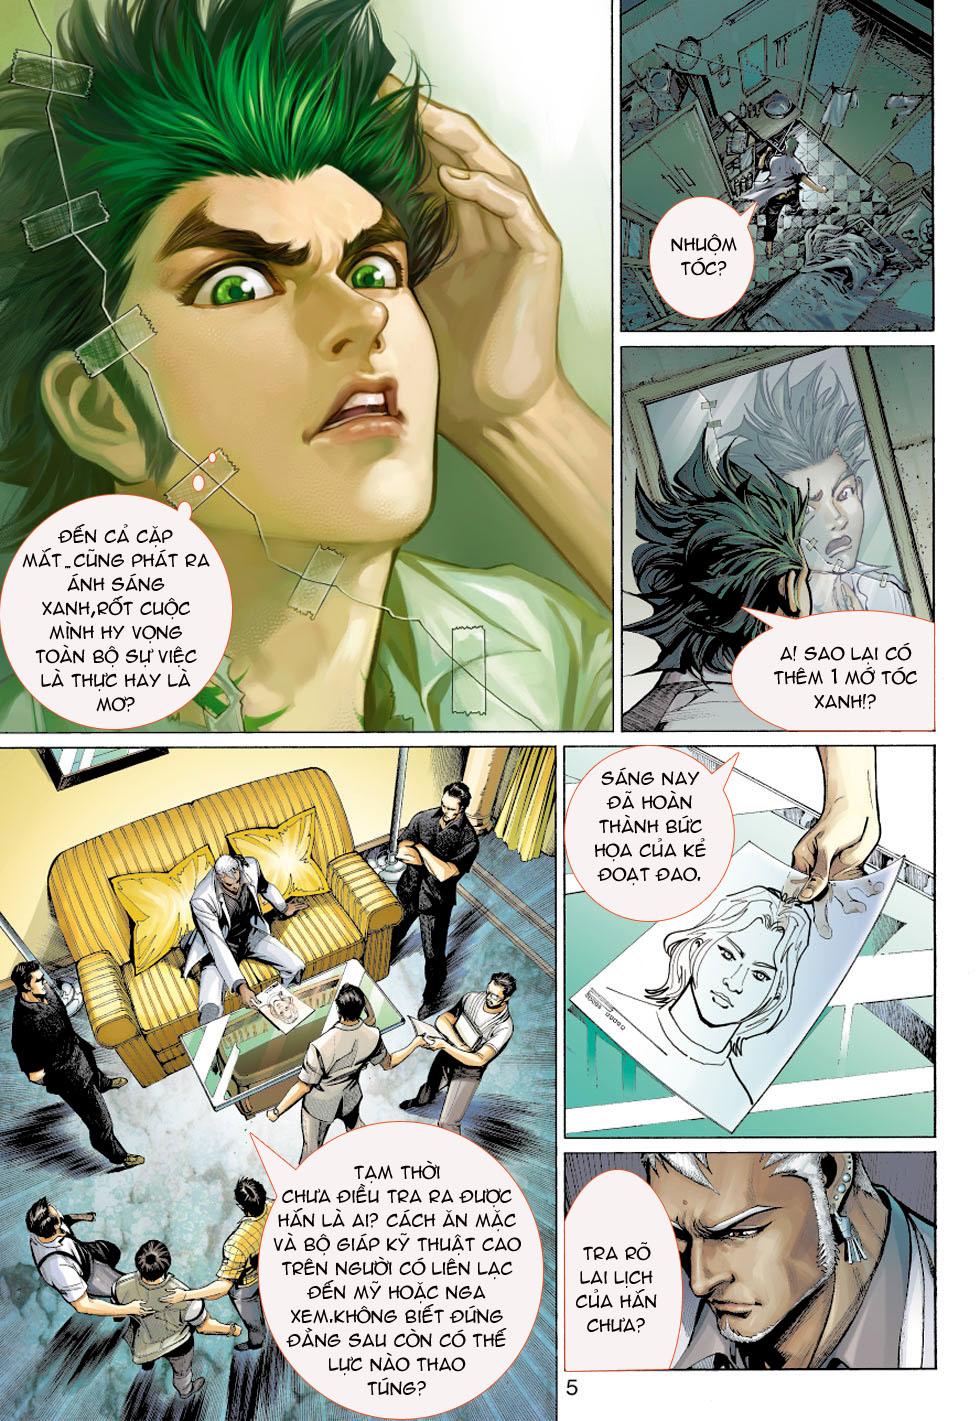 Thần Binh 4 chap 5 - Trang 5